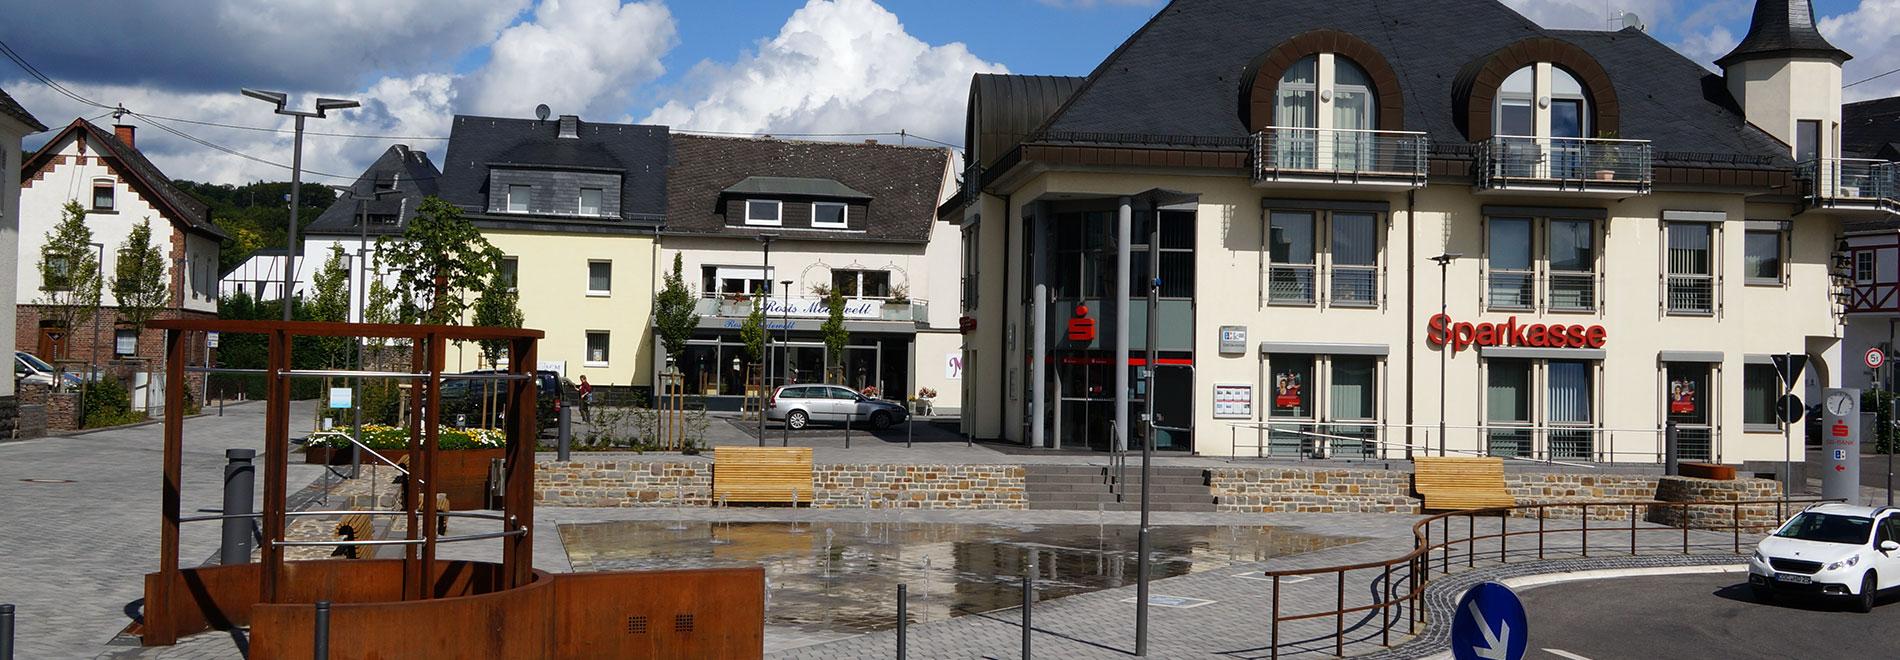 Kaisersesch, Sanierung Zentralplatz